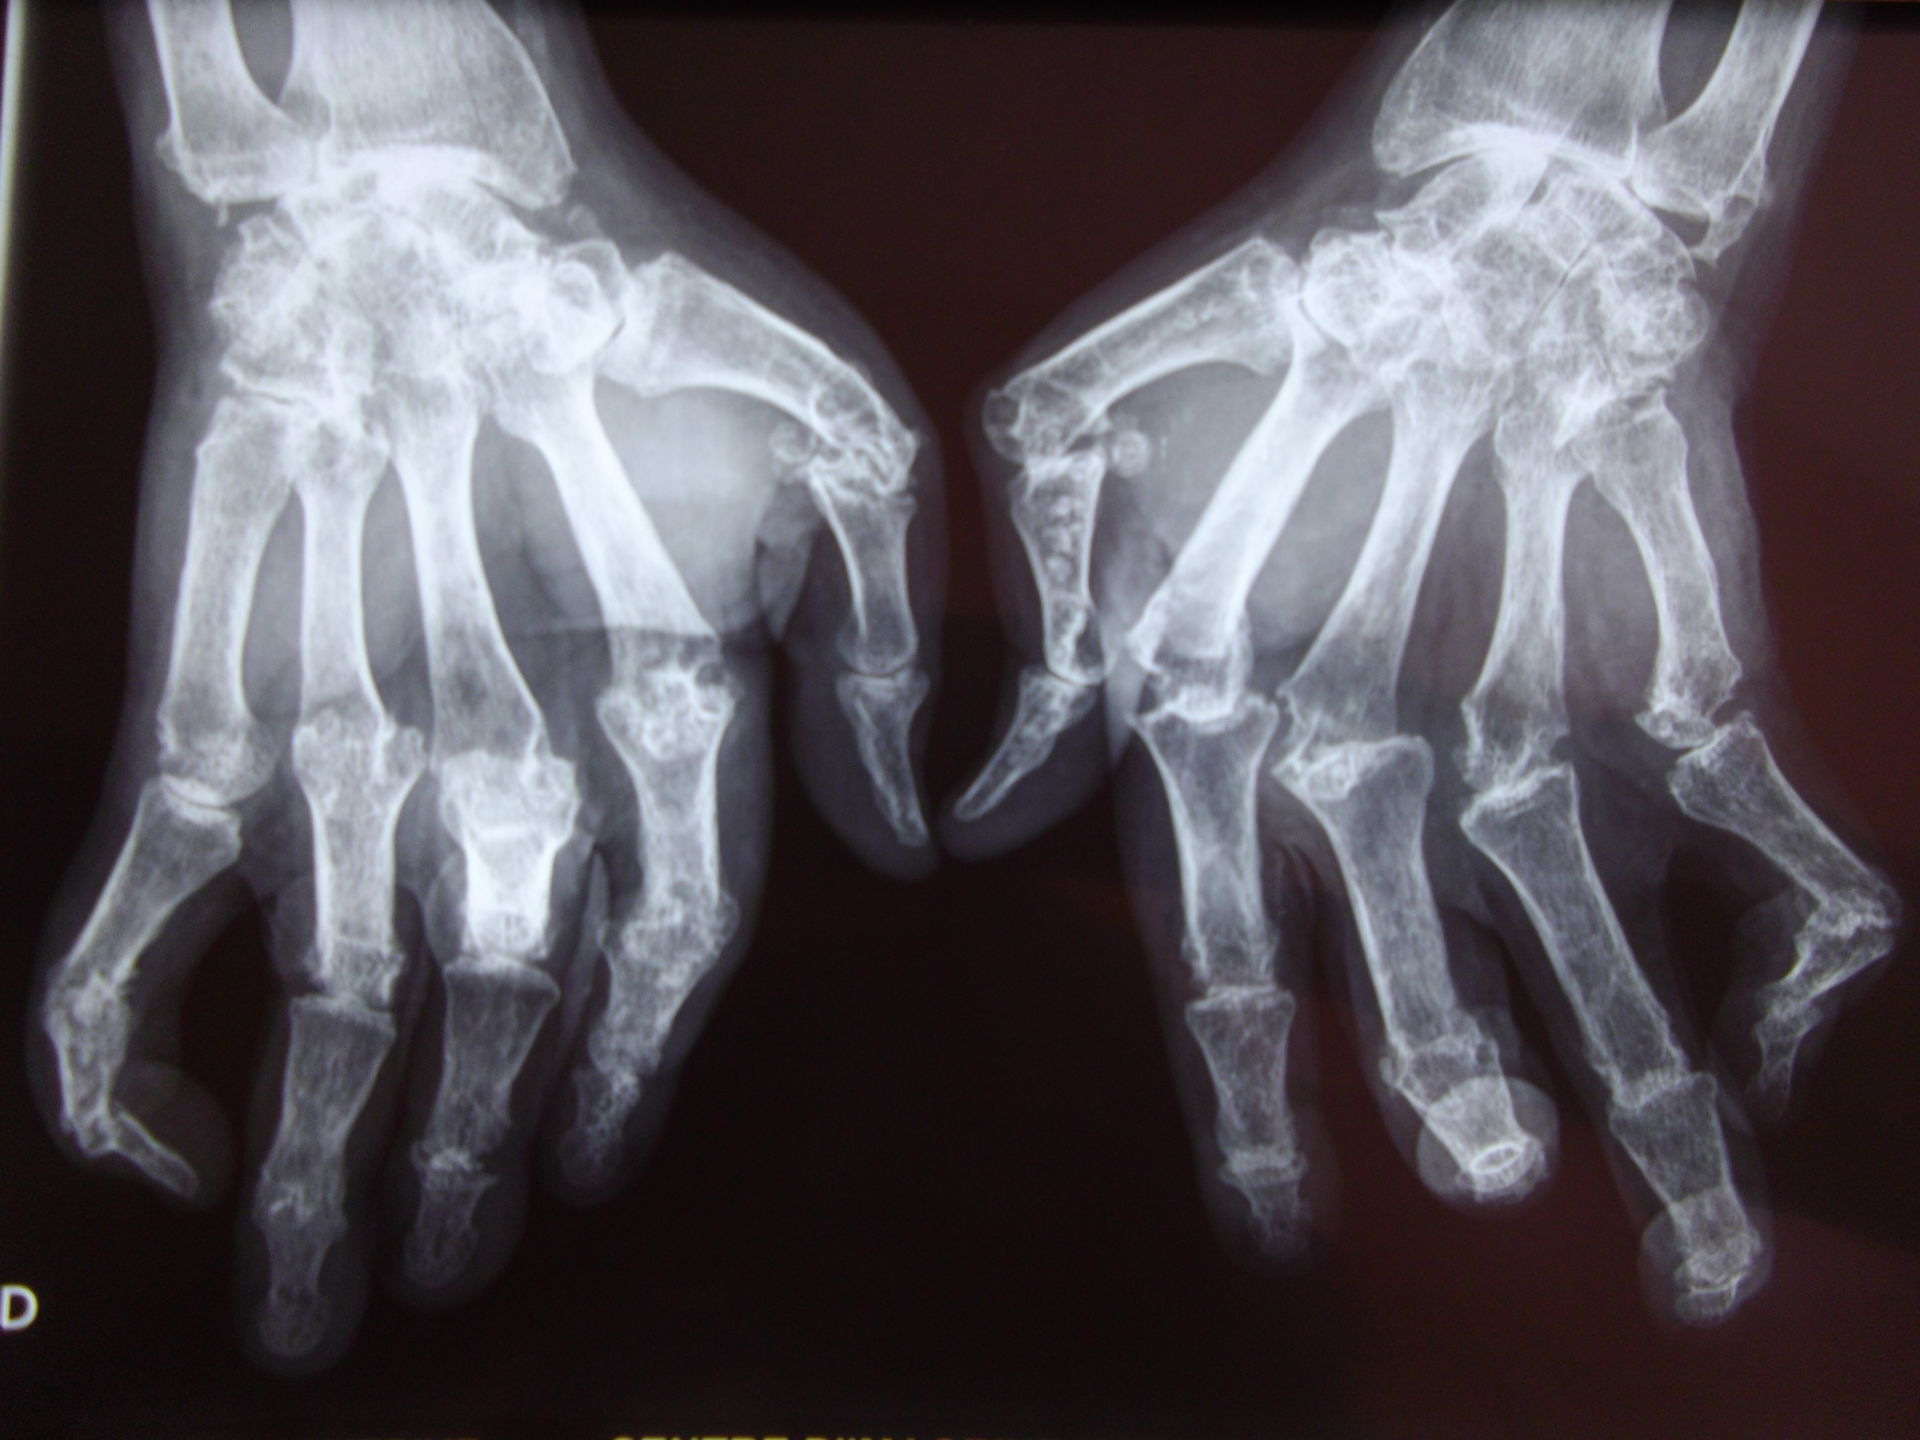 Artritis reumatoide de la mano